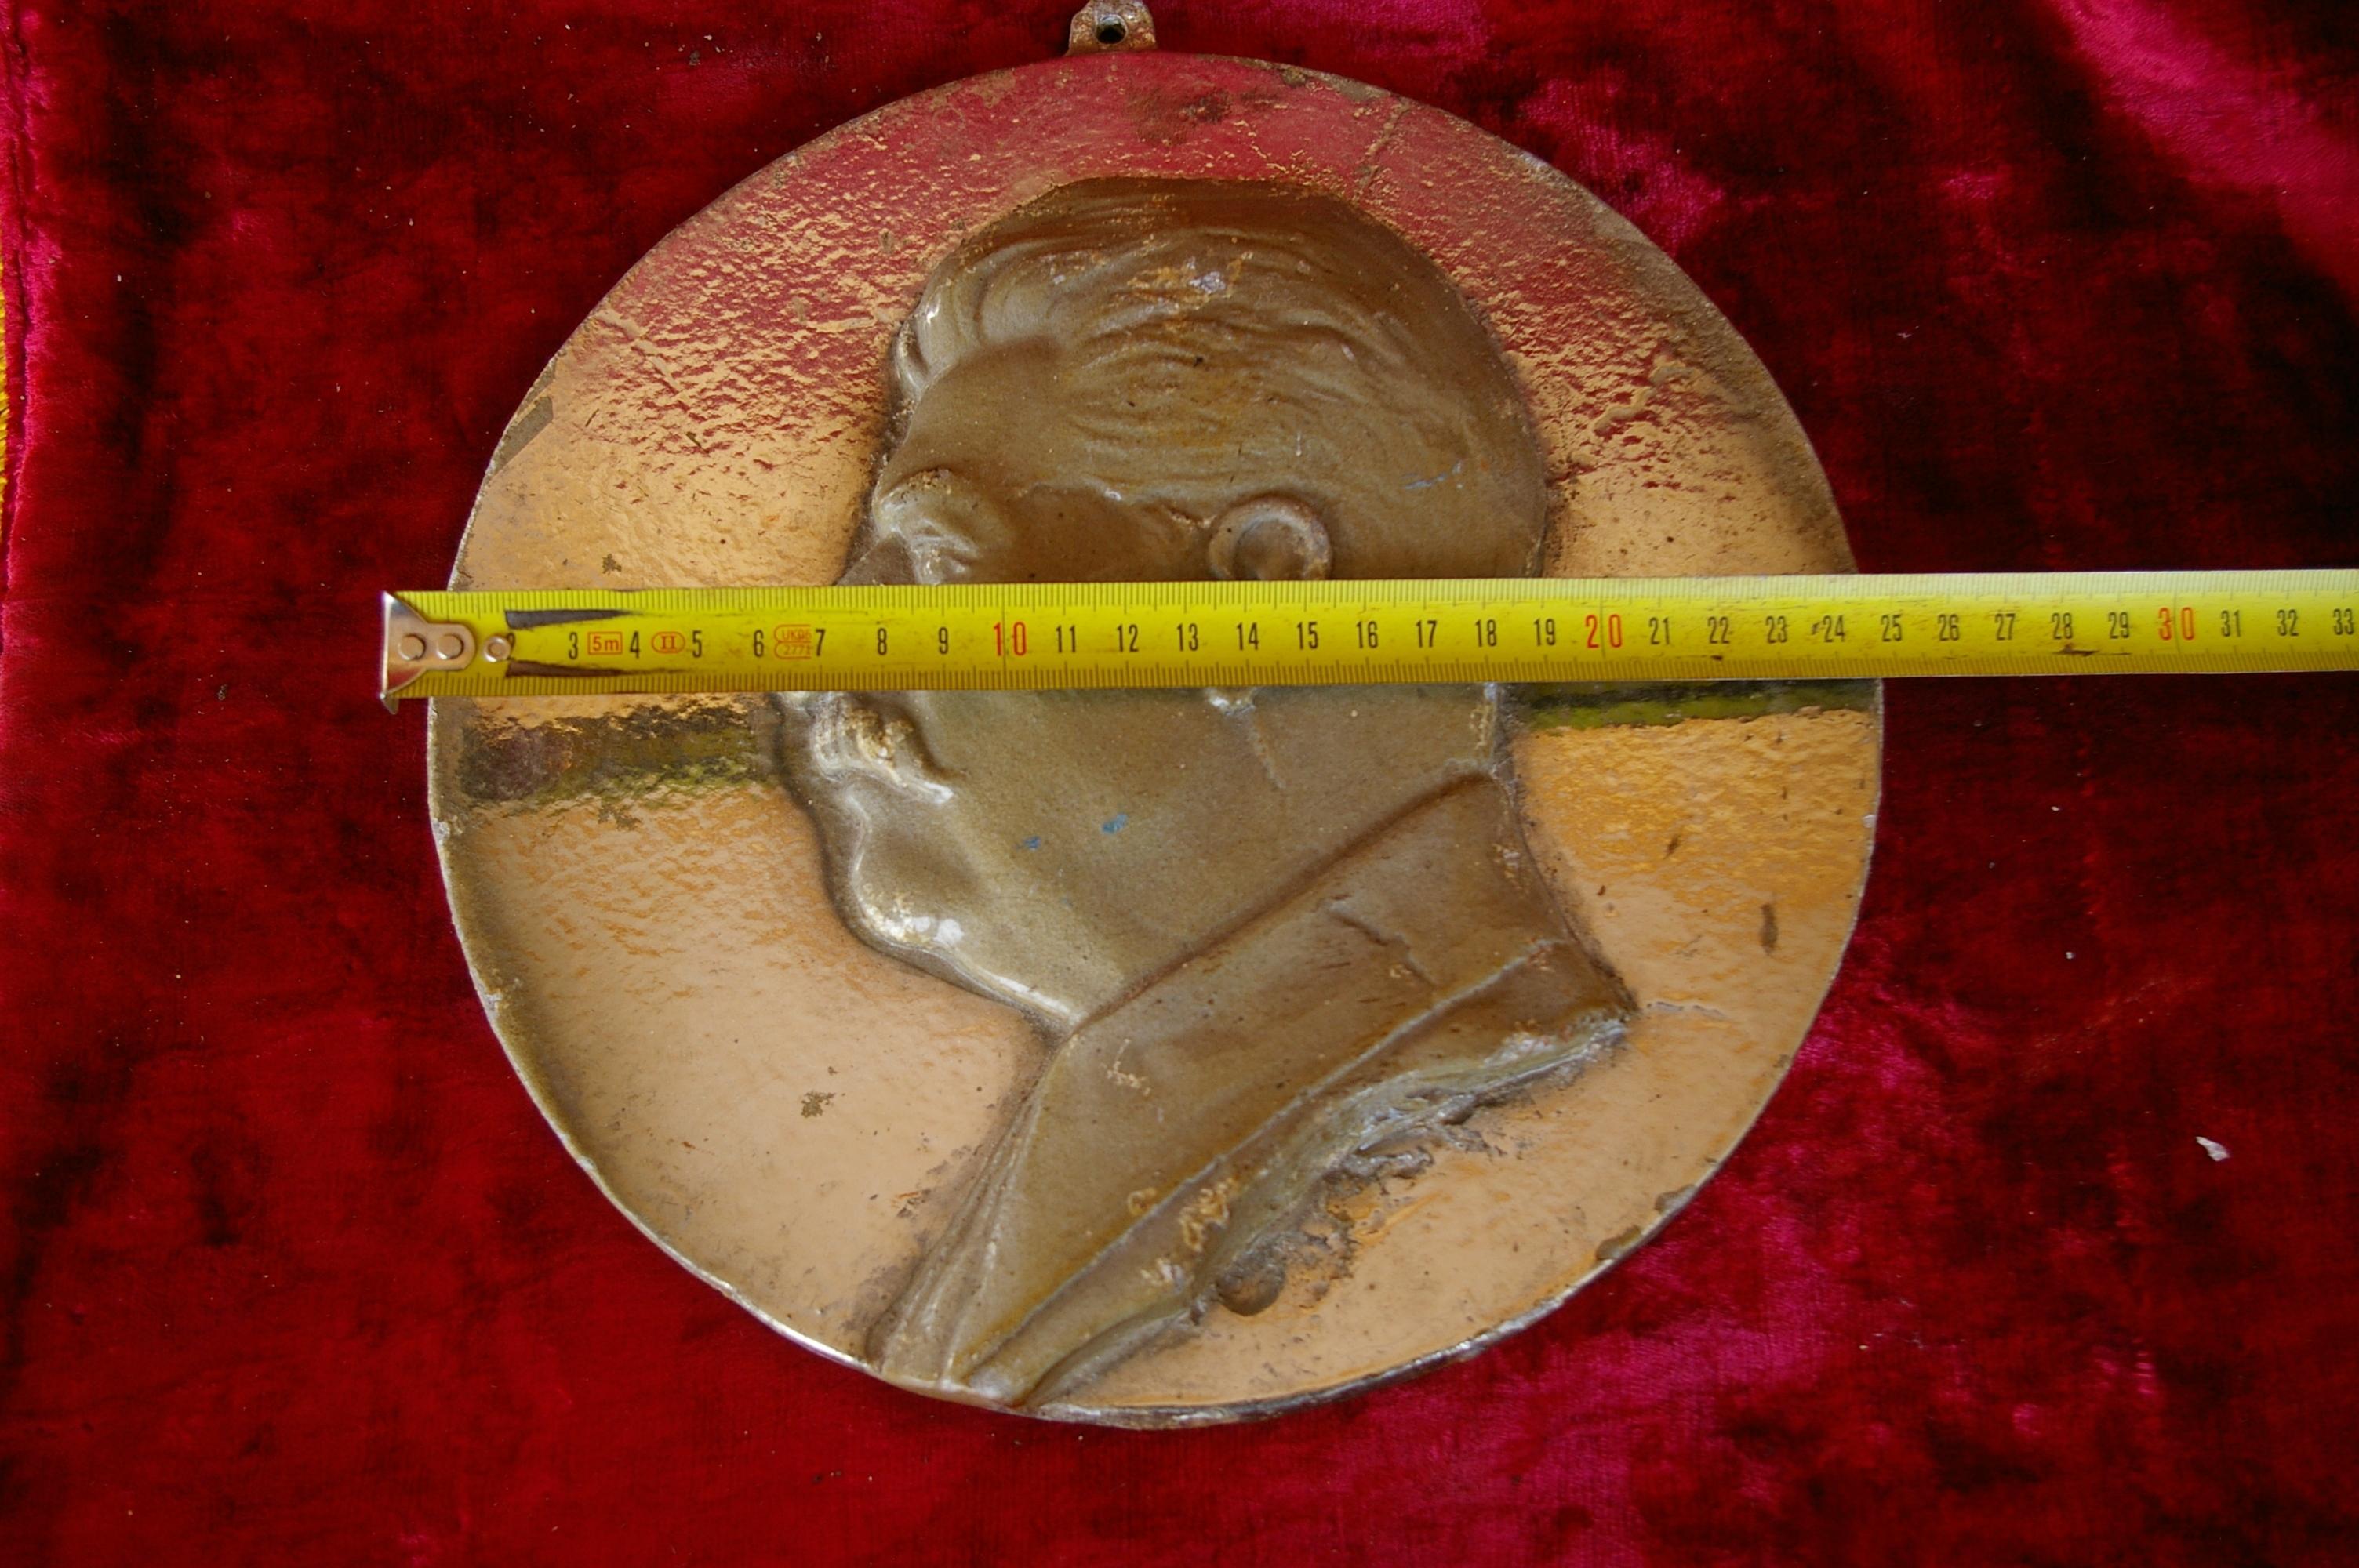 Барельеф Сталин, материал метал, ширина 24 см. - 3